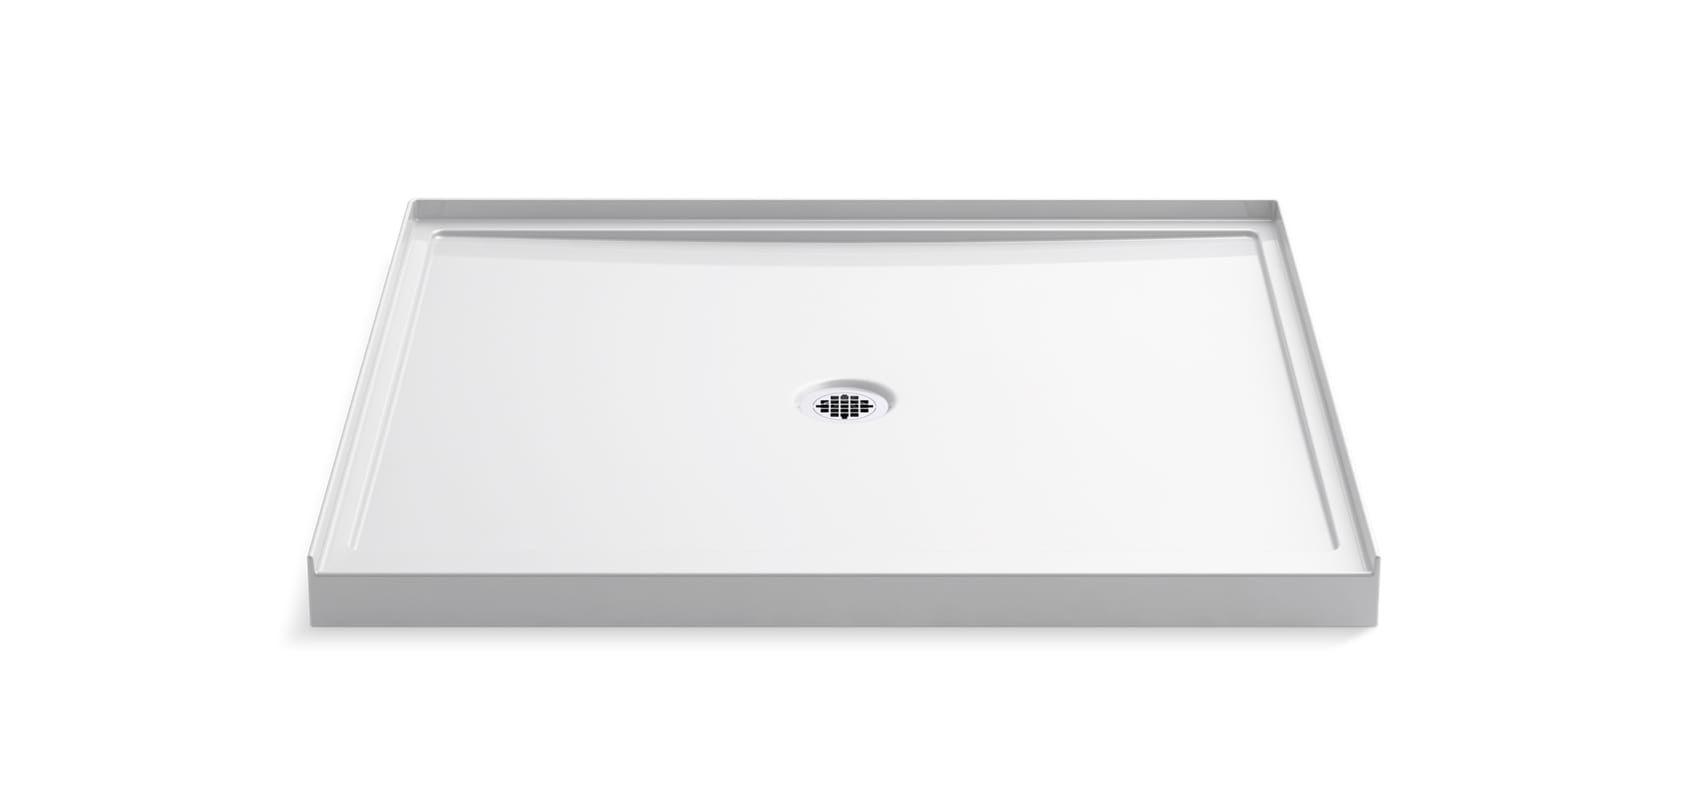 Kohler K 8648 Shower Base Shower Floor Shower Pan